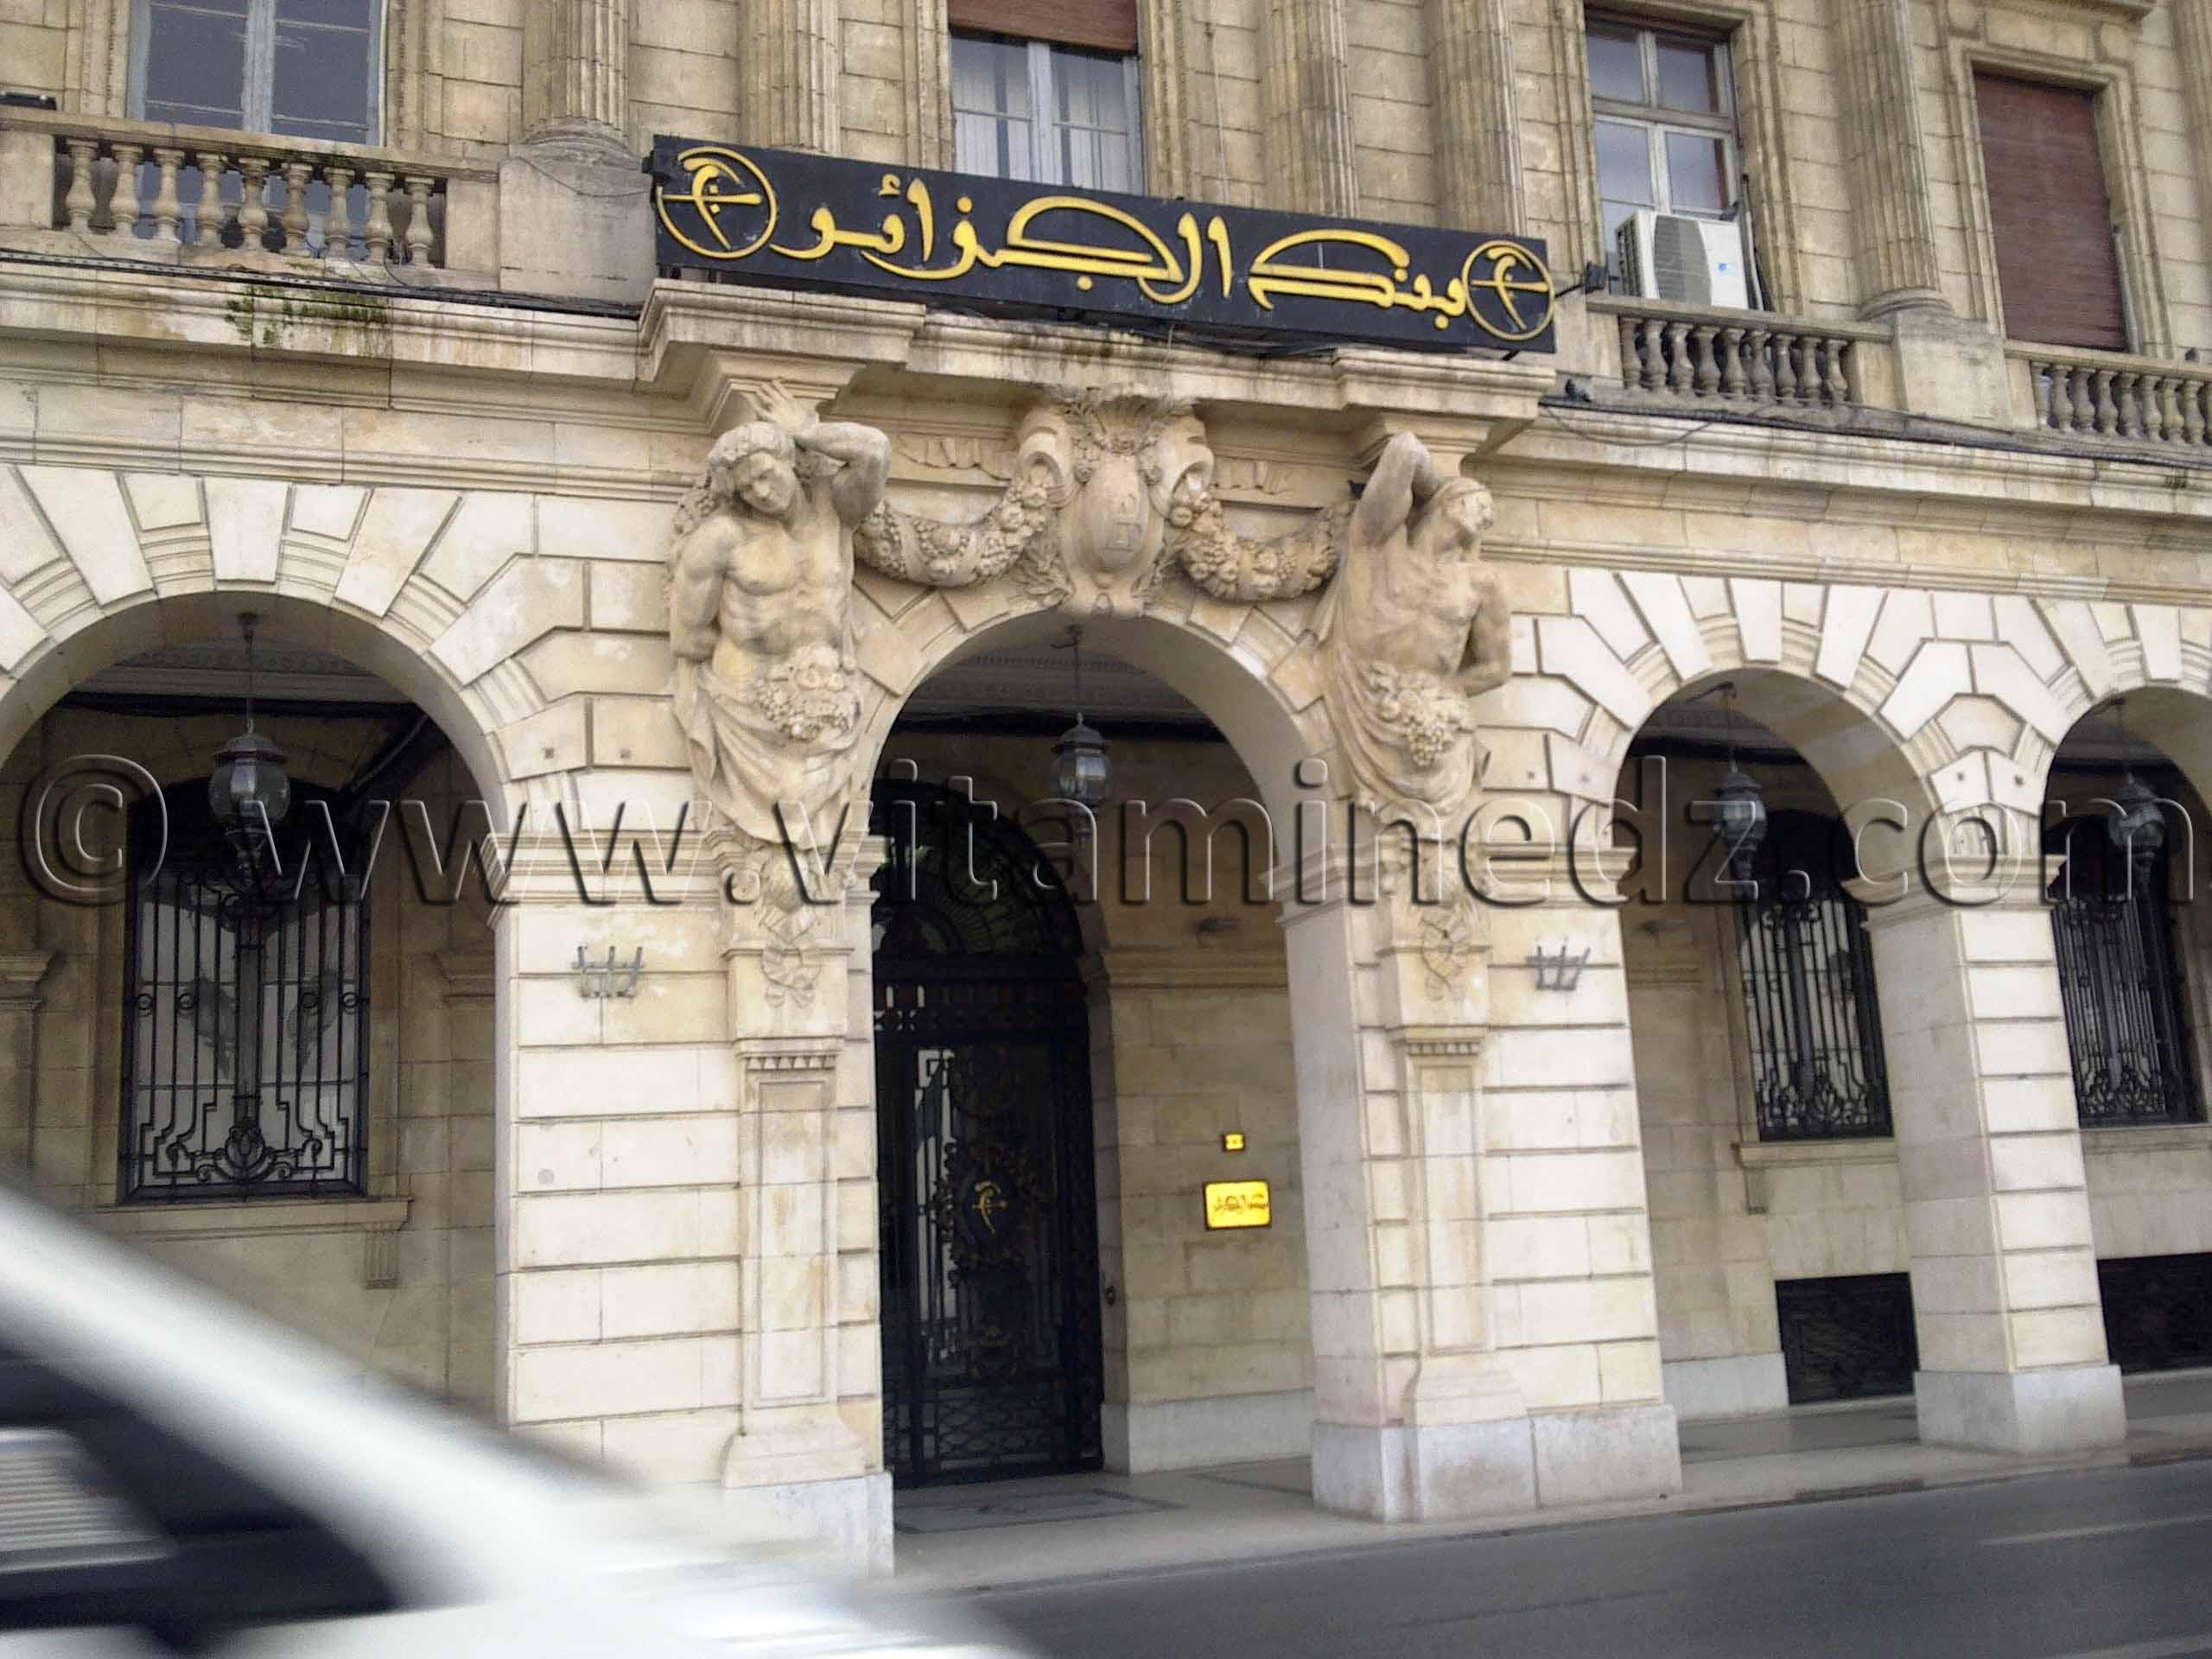 Photos banque d 39 algerie alger la blanche alger for Banque exterieur d algerie